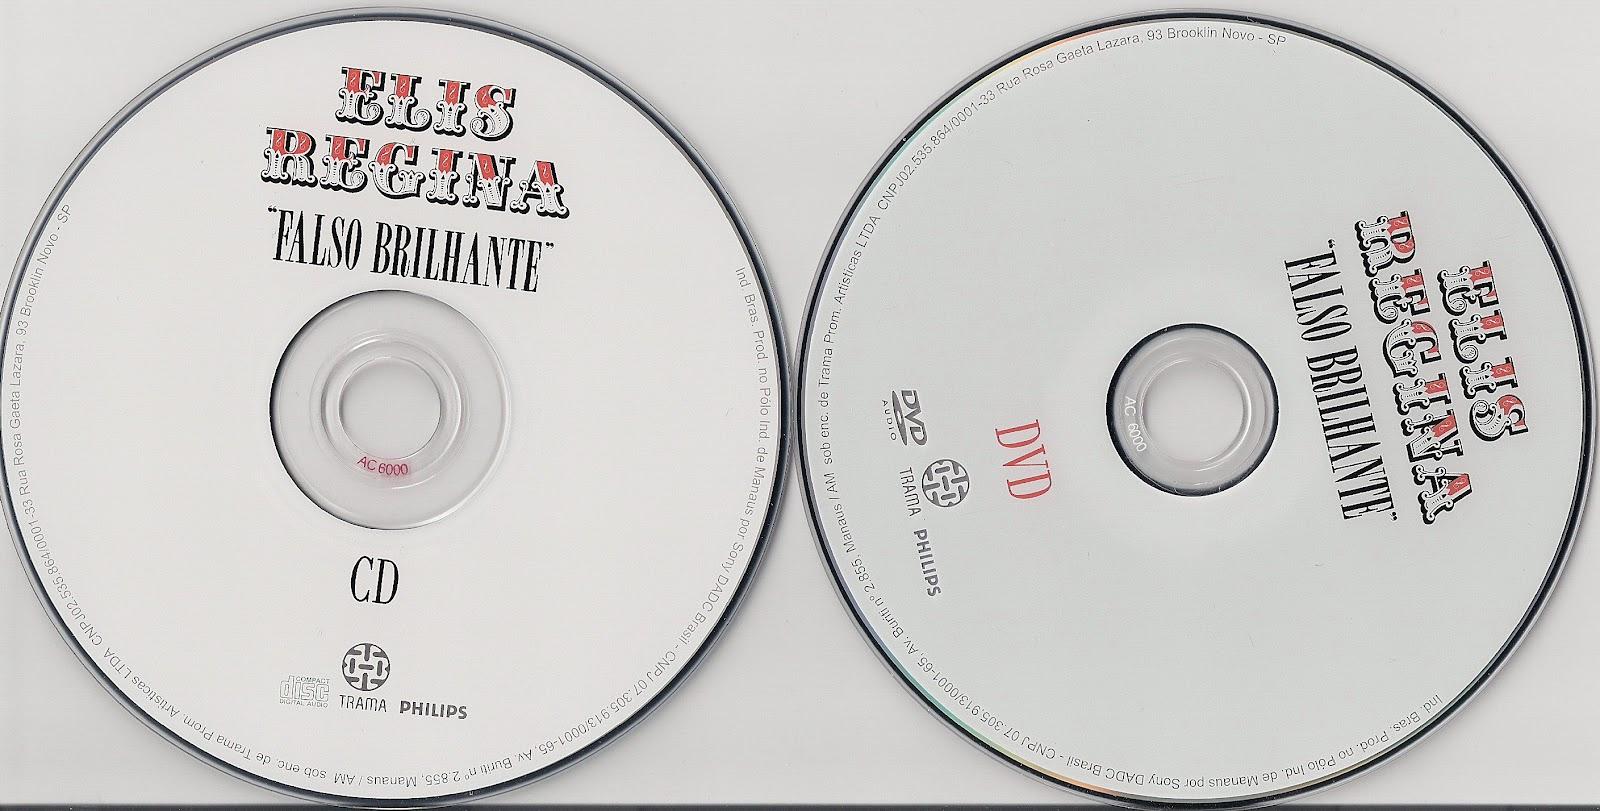 http://3.bp.blogspot.com/-1368CD9GBzk/T874m0lmahI/AAAAAAAAPv8/VXNczT9Viv8/s1600/er_fb+-+discs.jpg